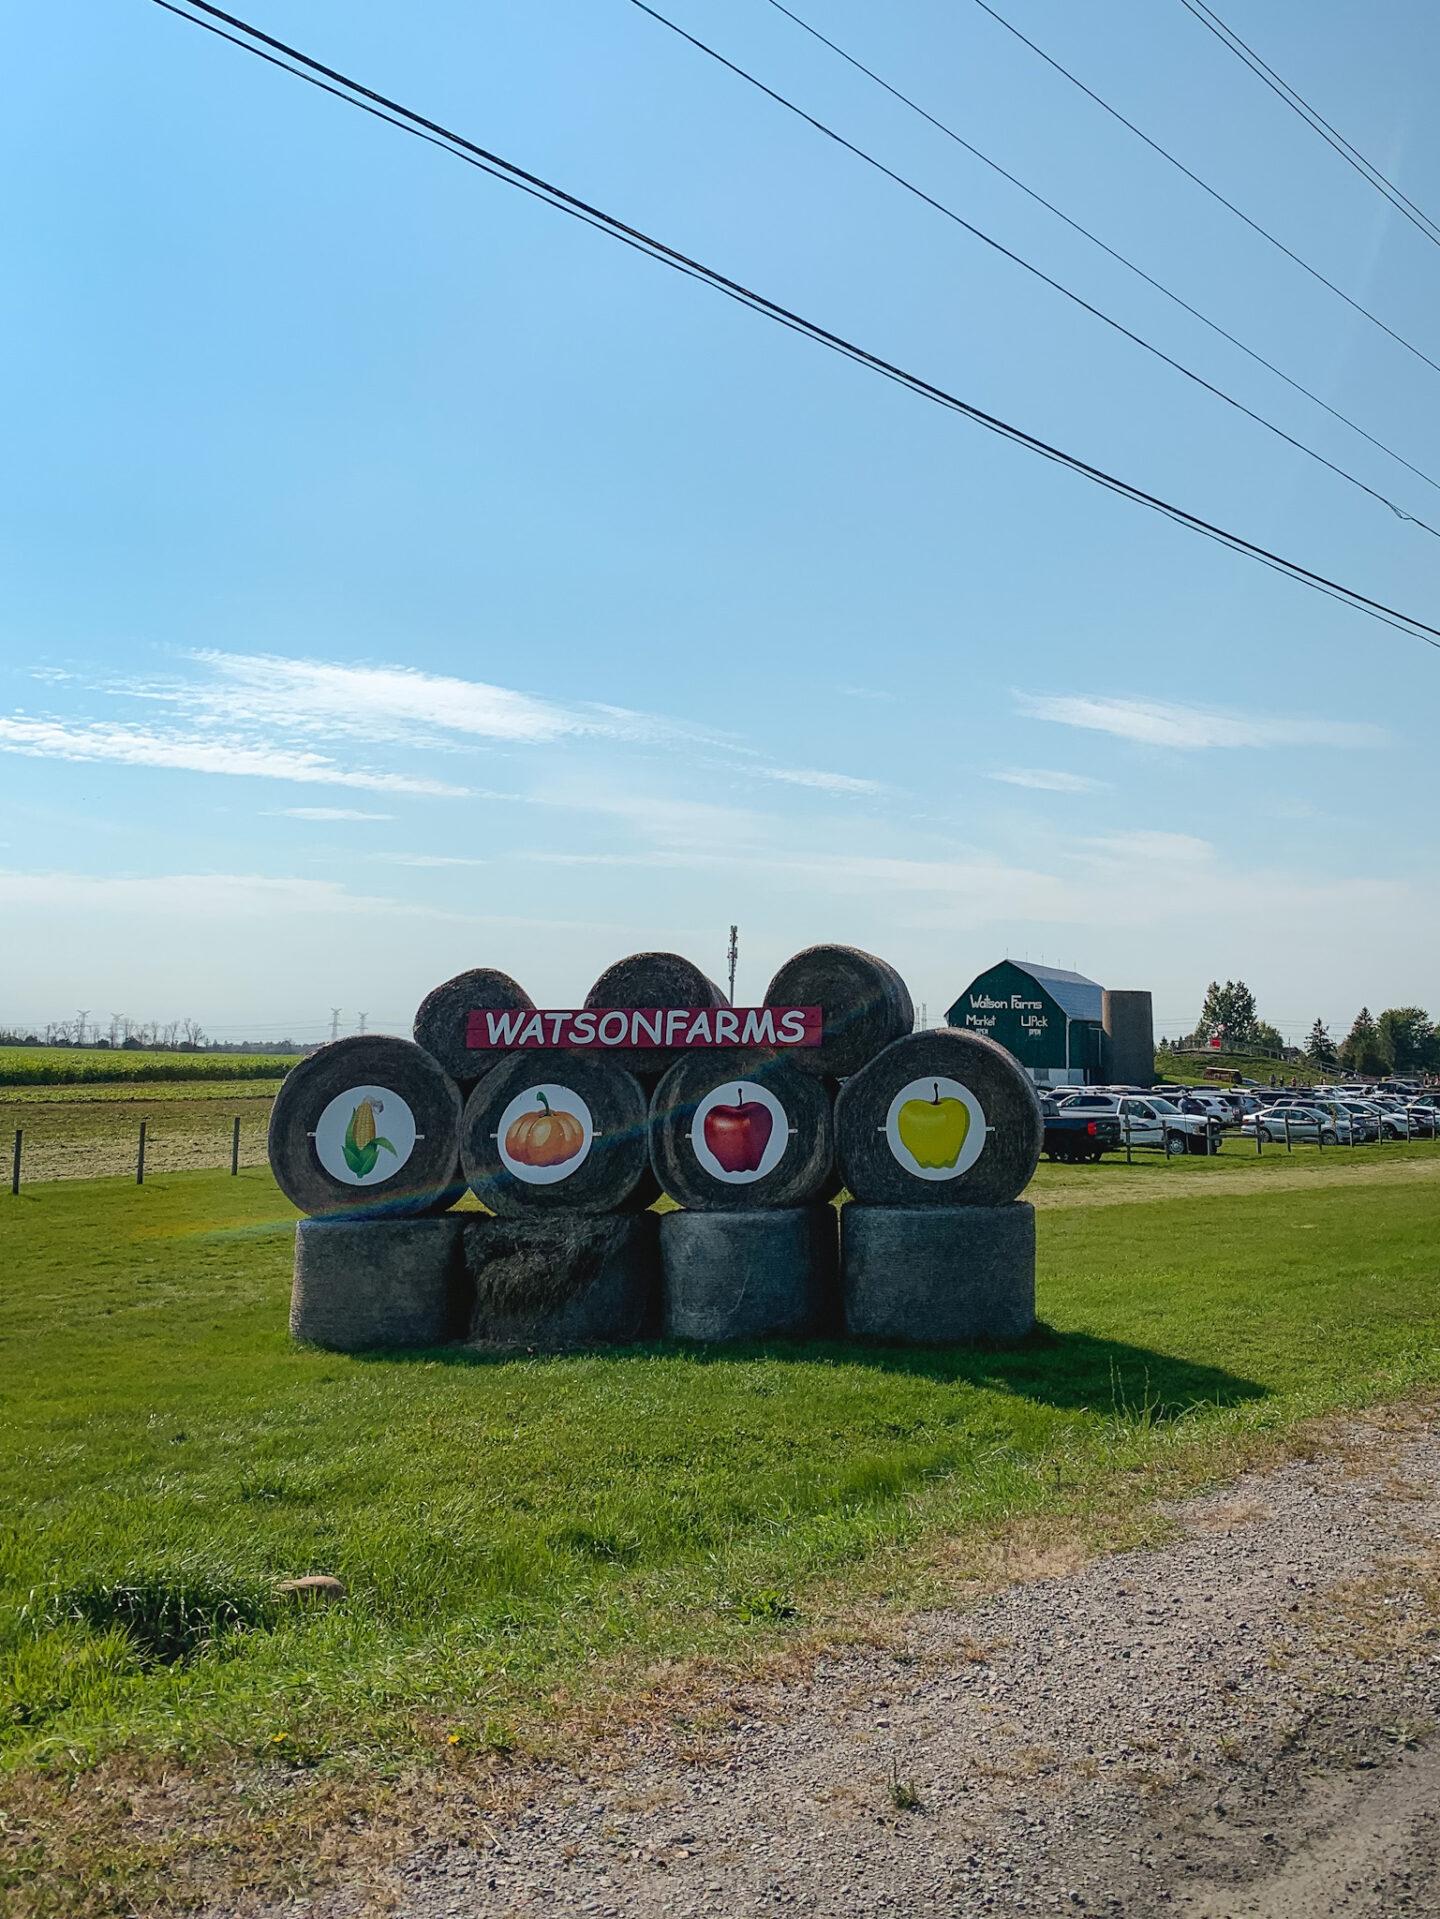 Watson Farms in Bowmanville, Ontario